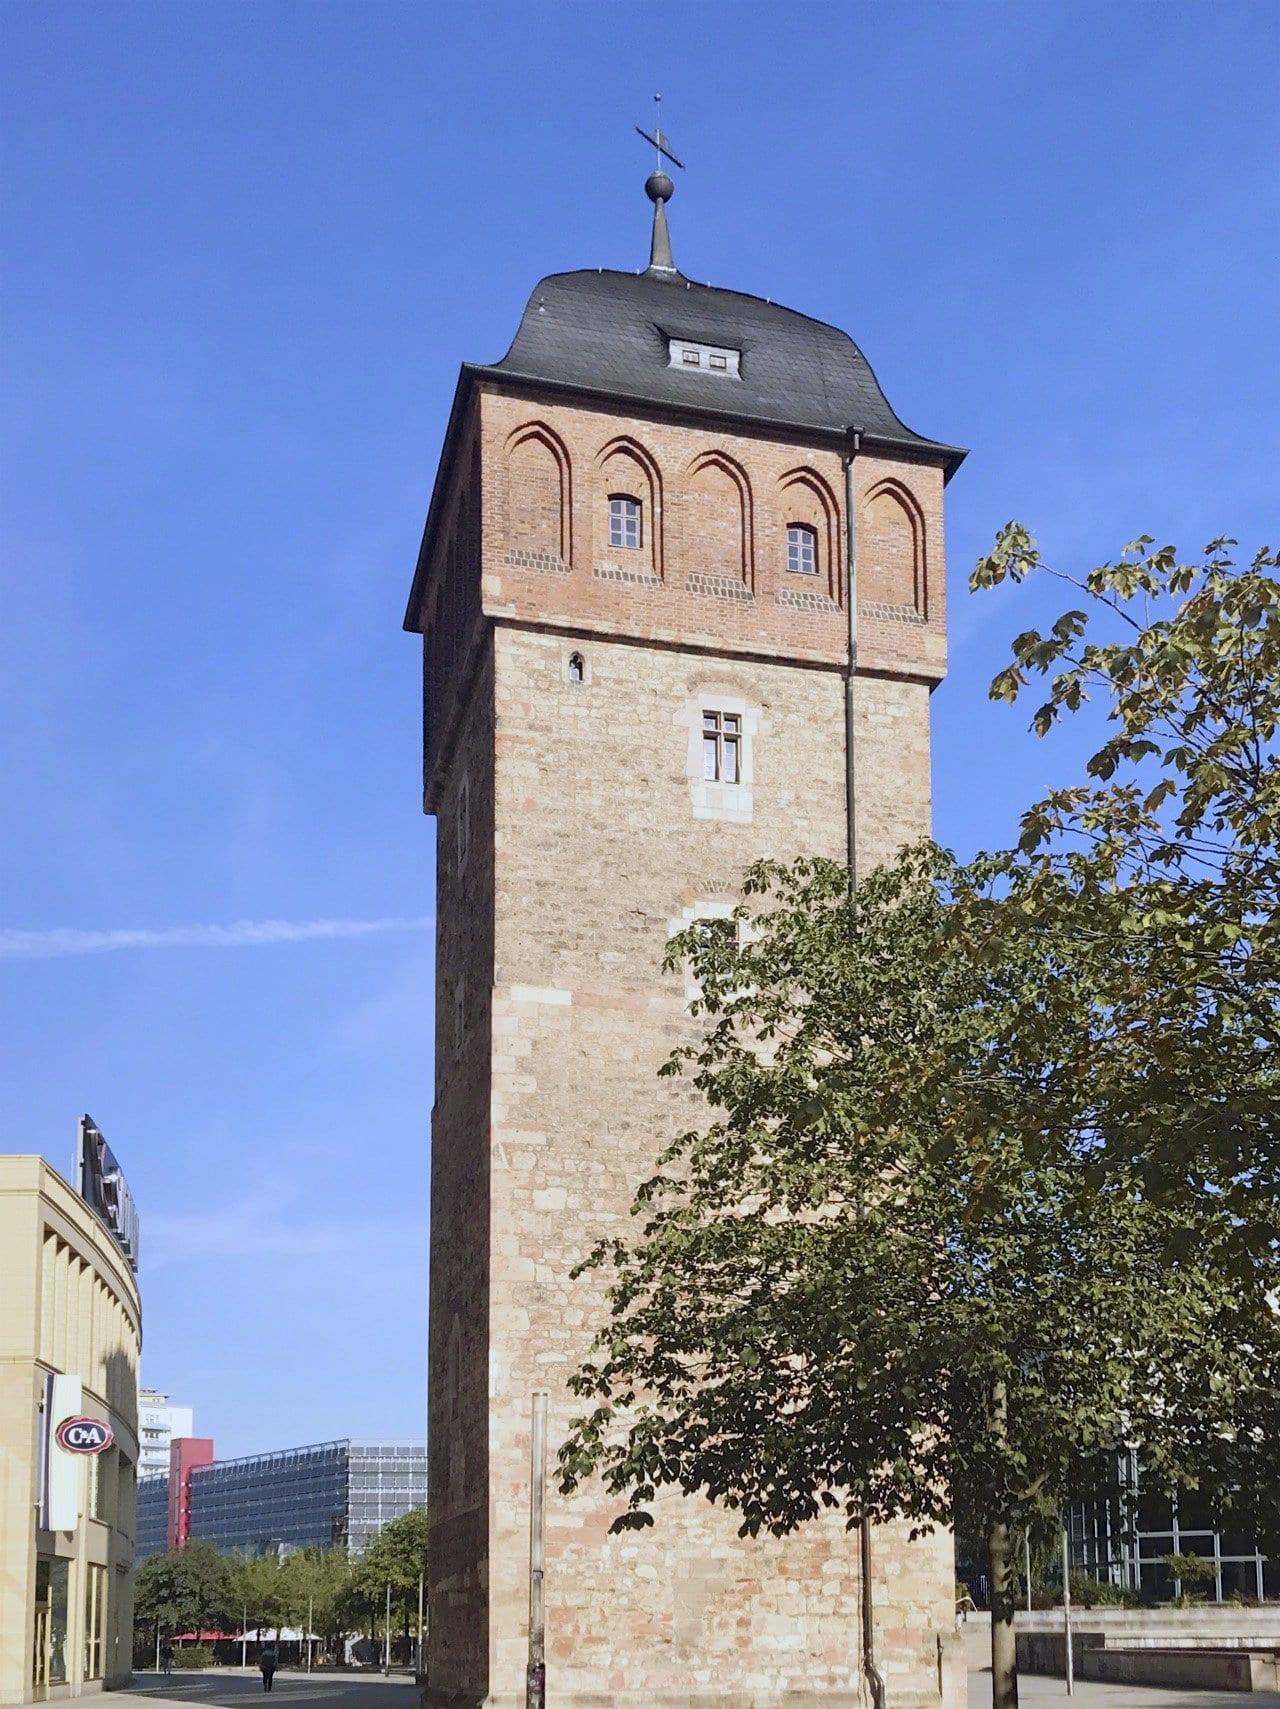 Der Rote Turm, eines der ältesten Bauwerke in Chemnitz